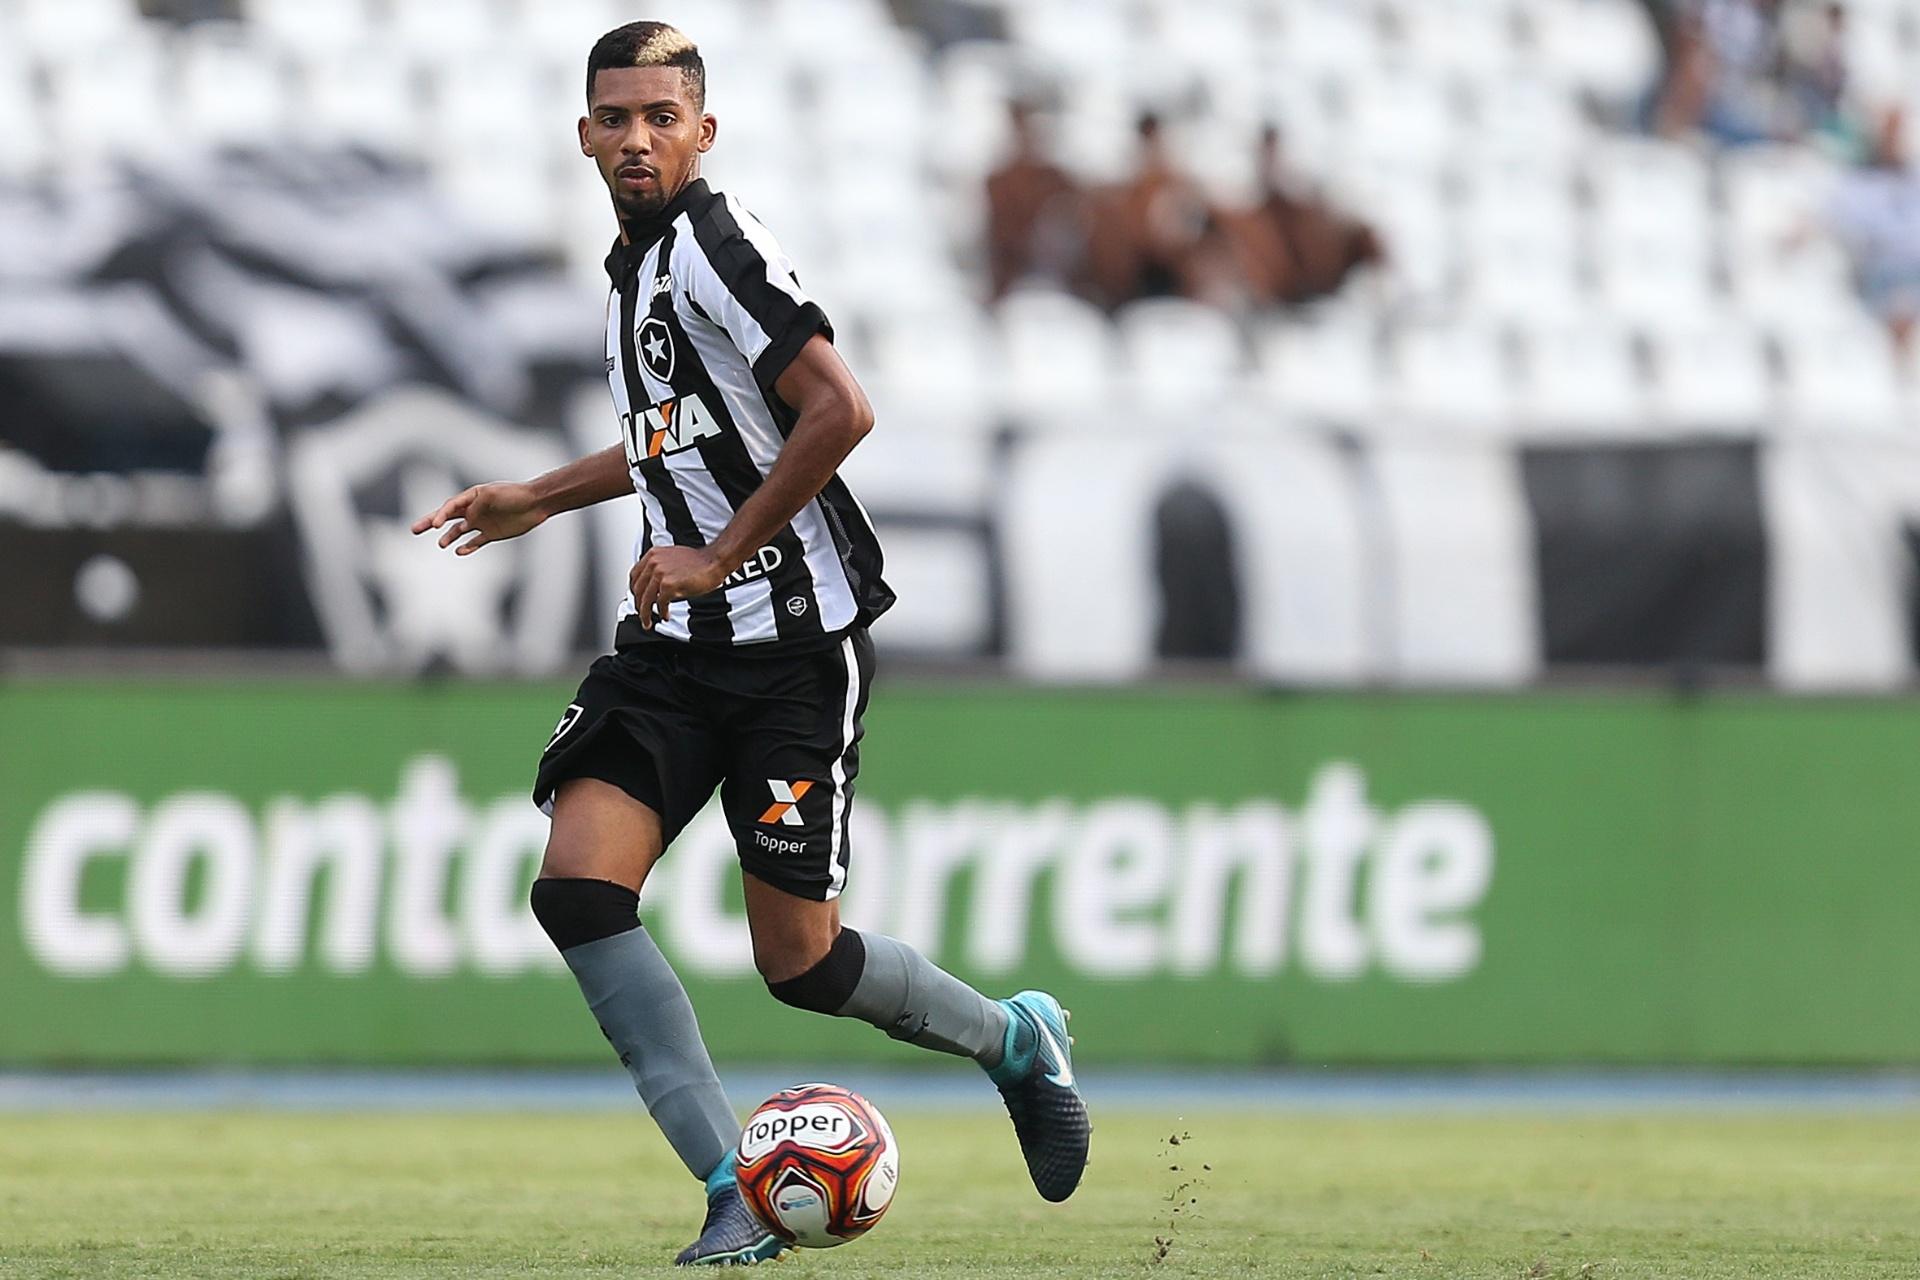 04b1d8e672 Botafogo recebe proposta do Genoa e encaminha venda de Matheus Fernandes -  Esporte - BOL